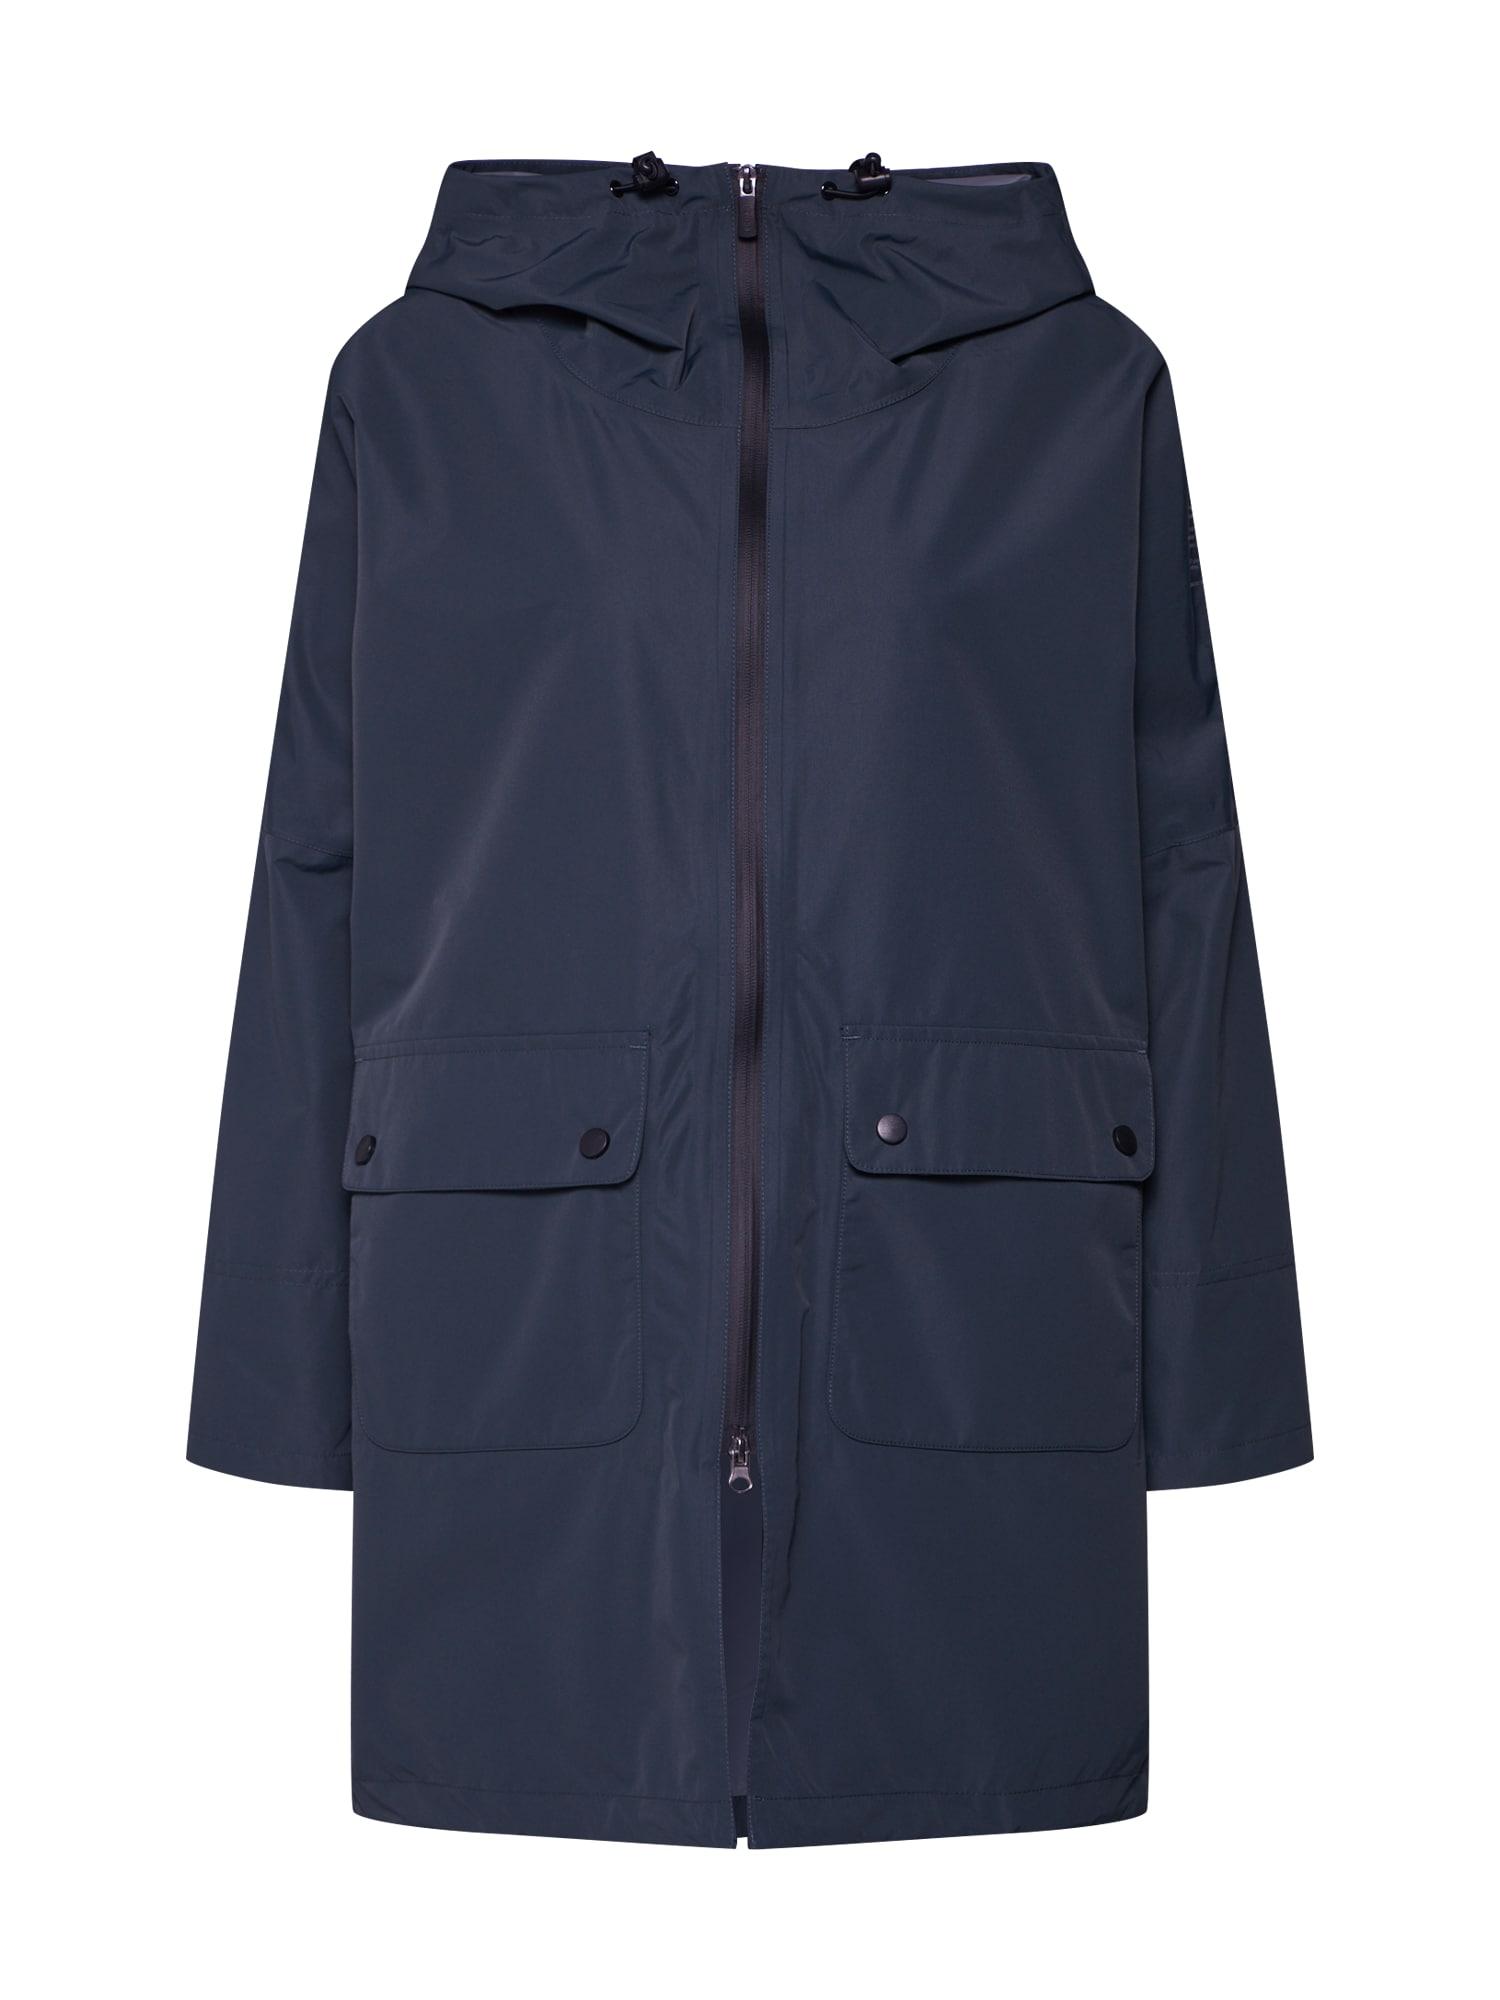 Přechodný kabát NIAGARA námořnická modř ECOALF